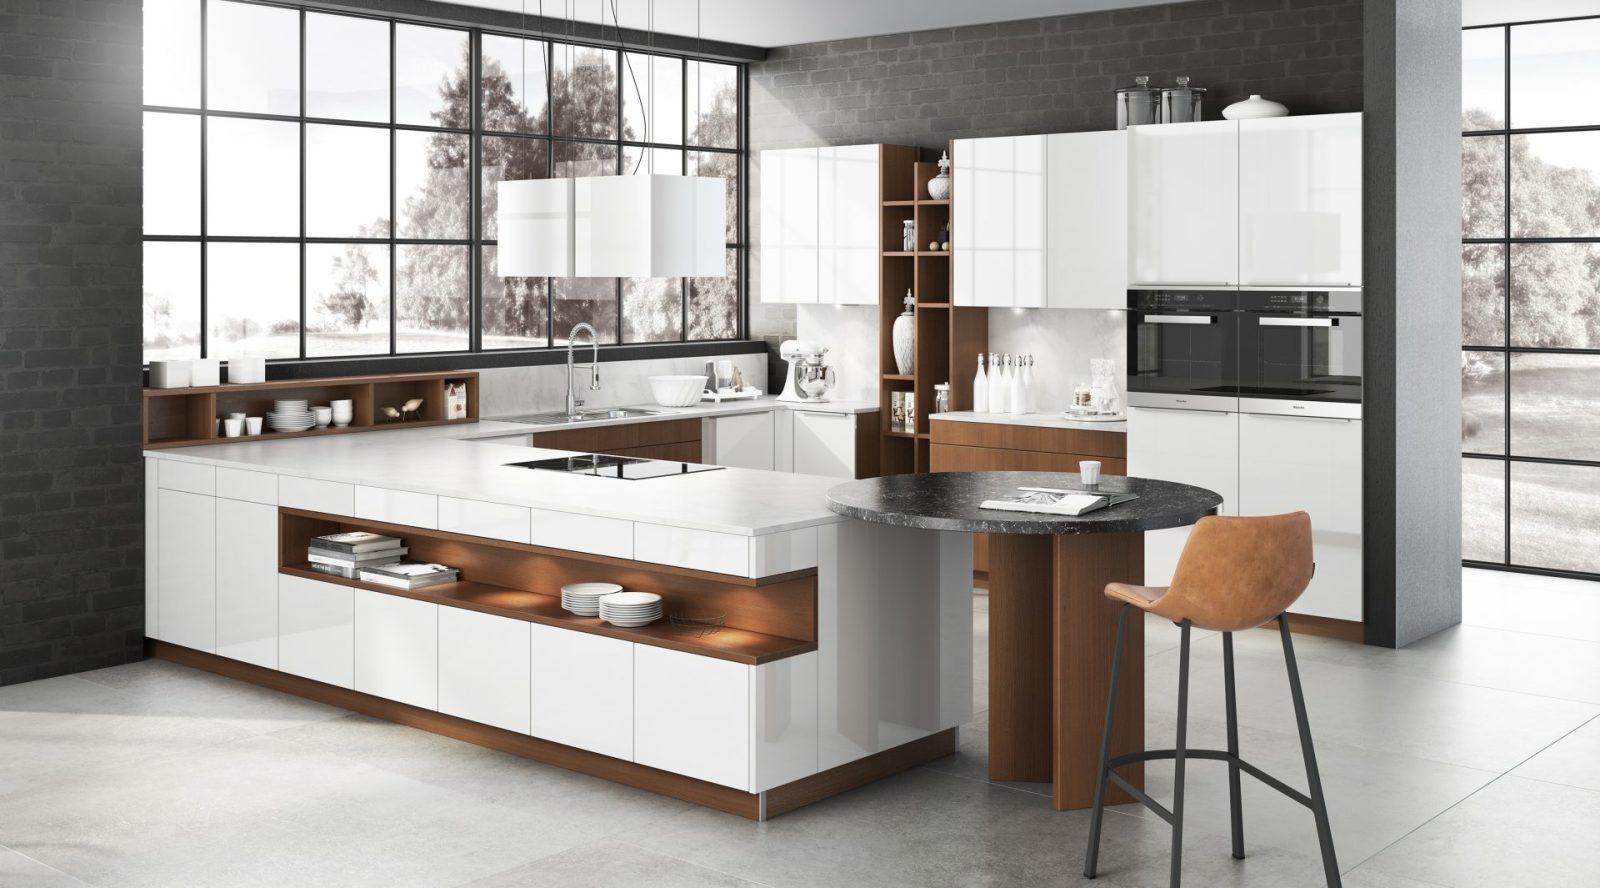 KÜCHENKONFIGURATOR: Küche nach Maß konfigurieren mit KitchenAdvisor